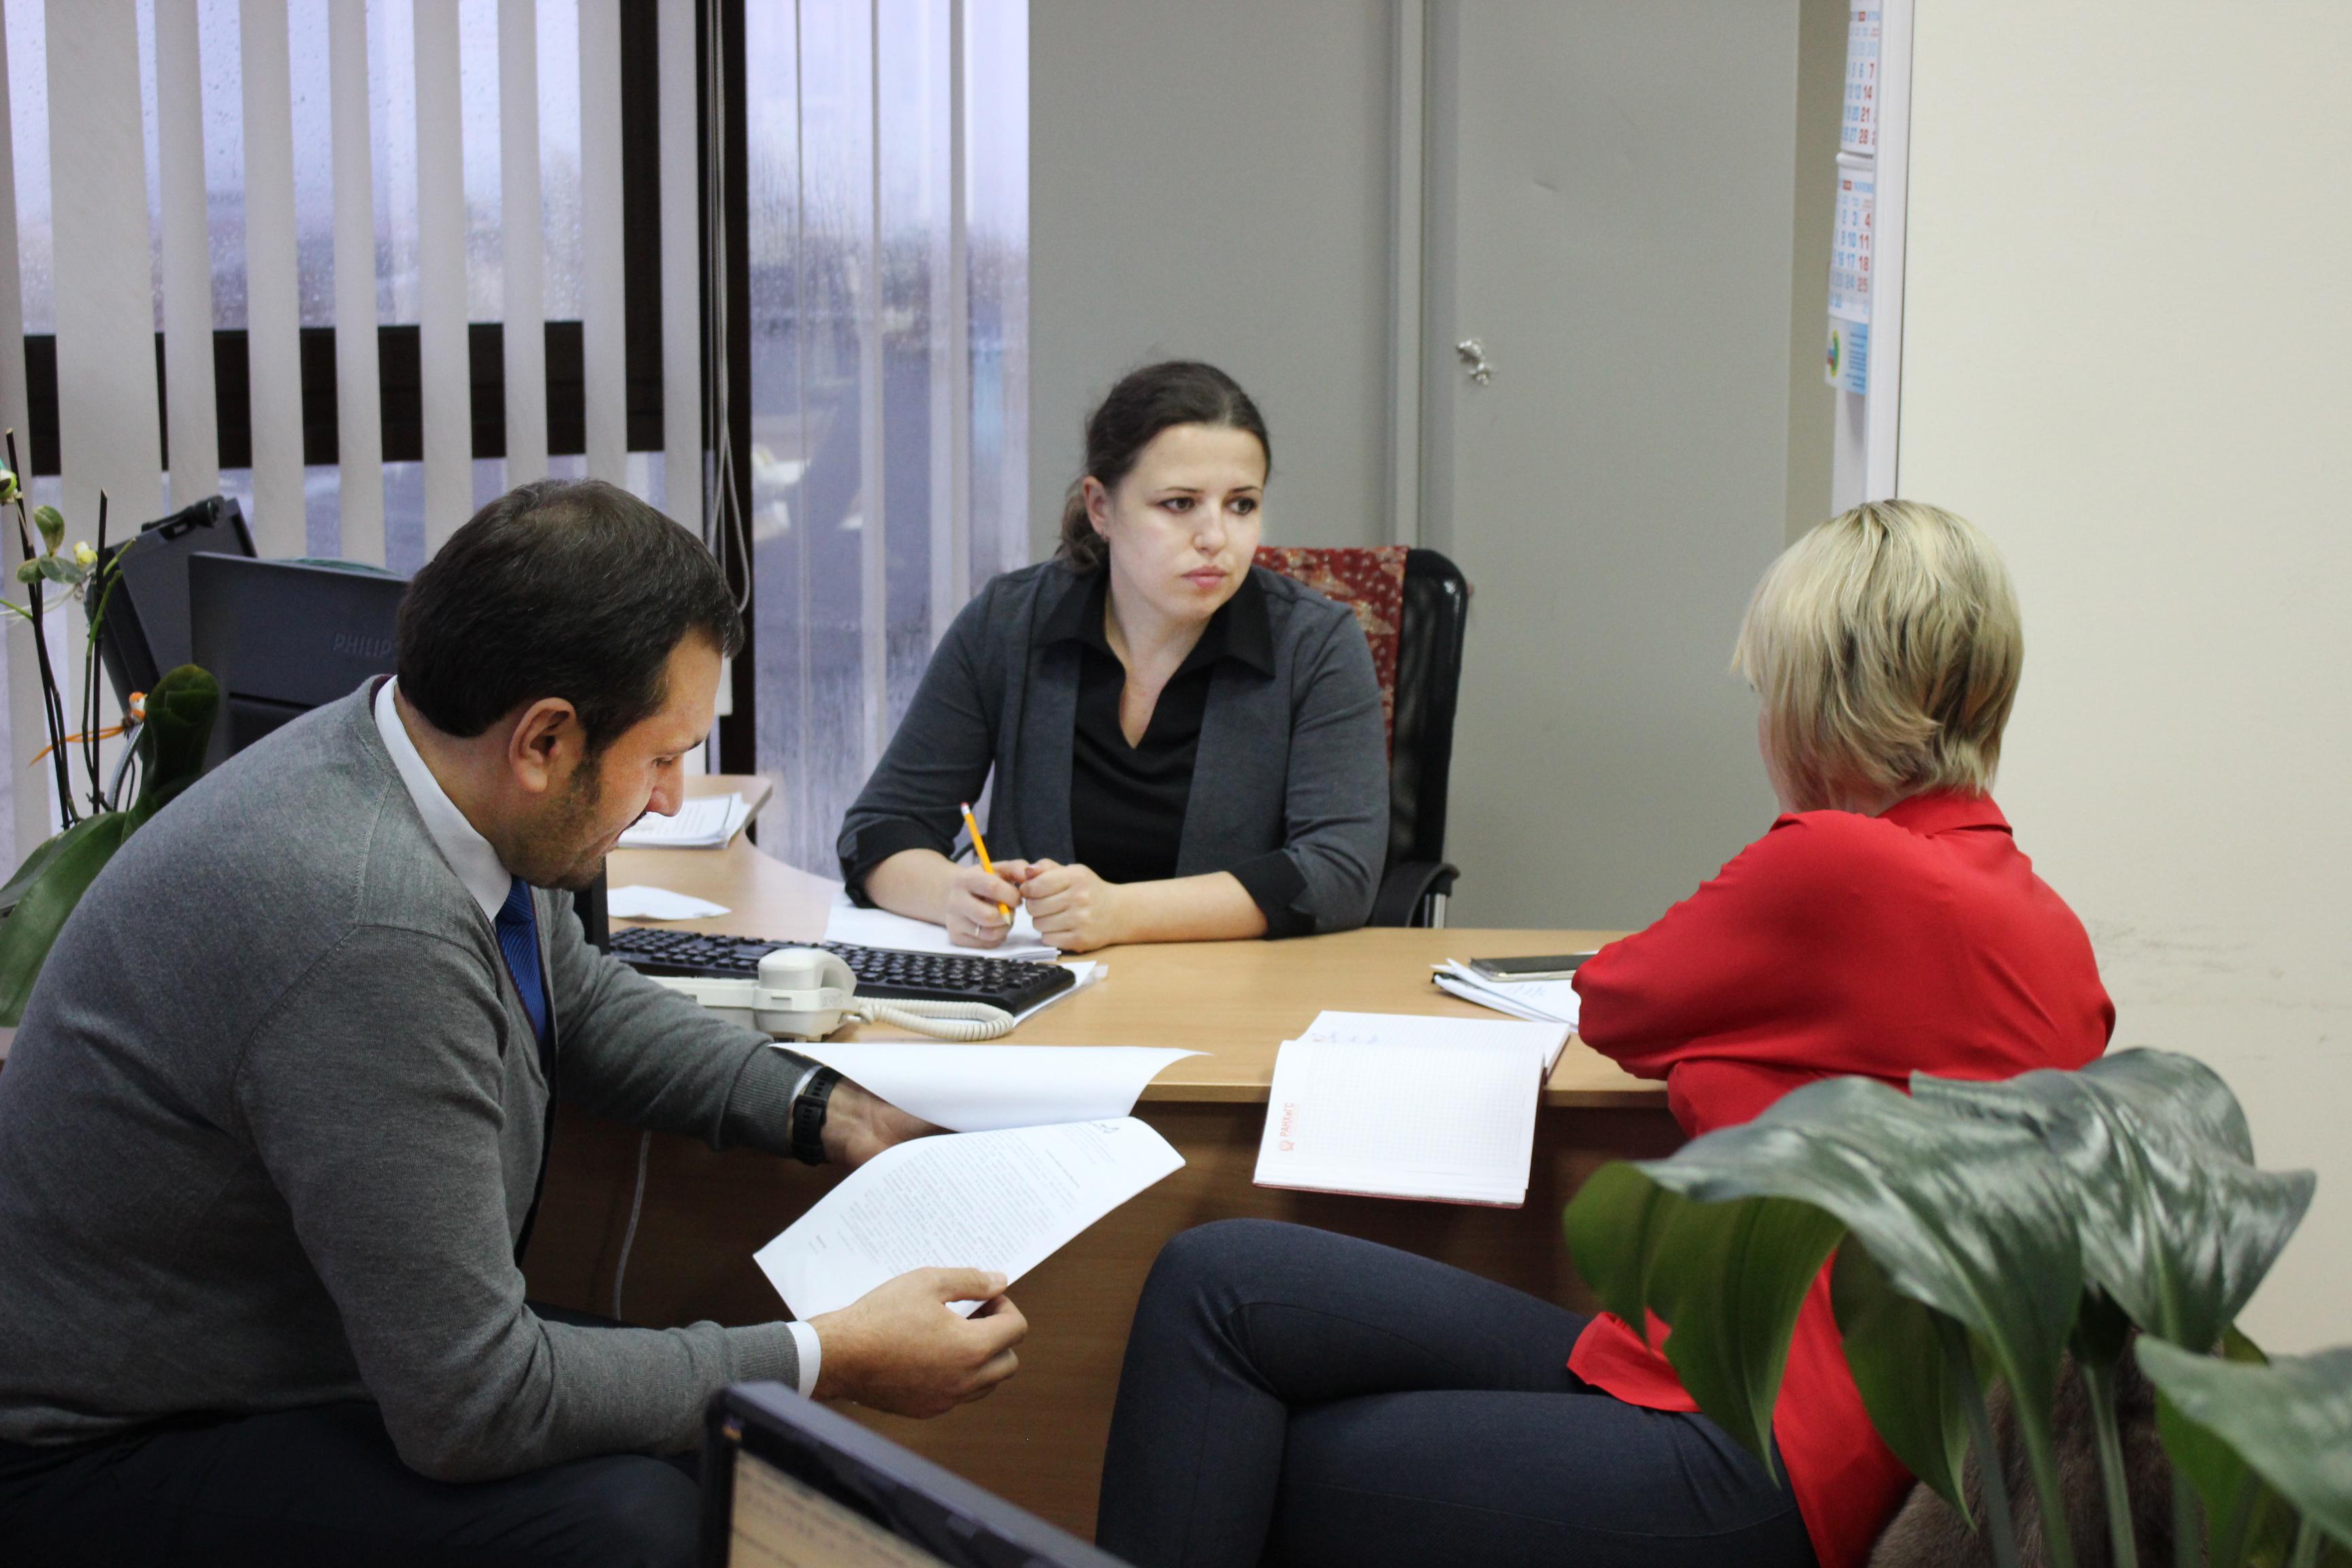 Сотрудники Госкомрегистра будут консультировать граждан еще в трёх многофункциональных центрах Крыма